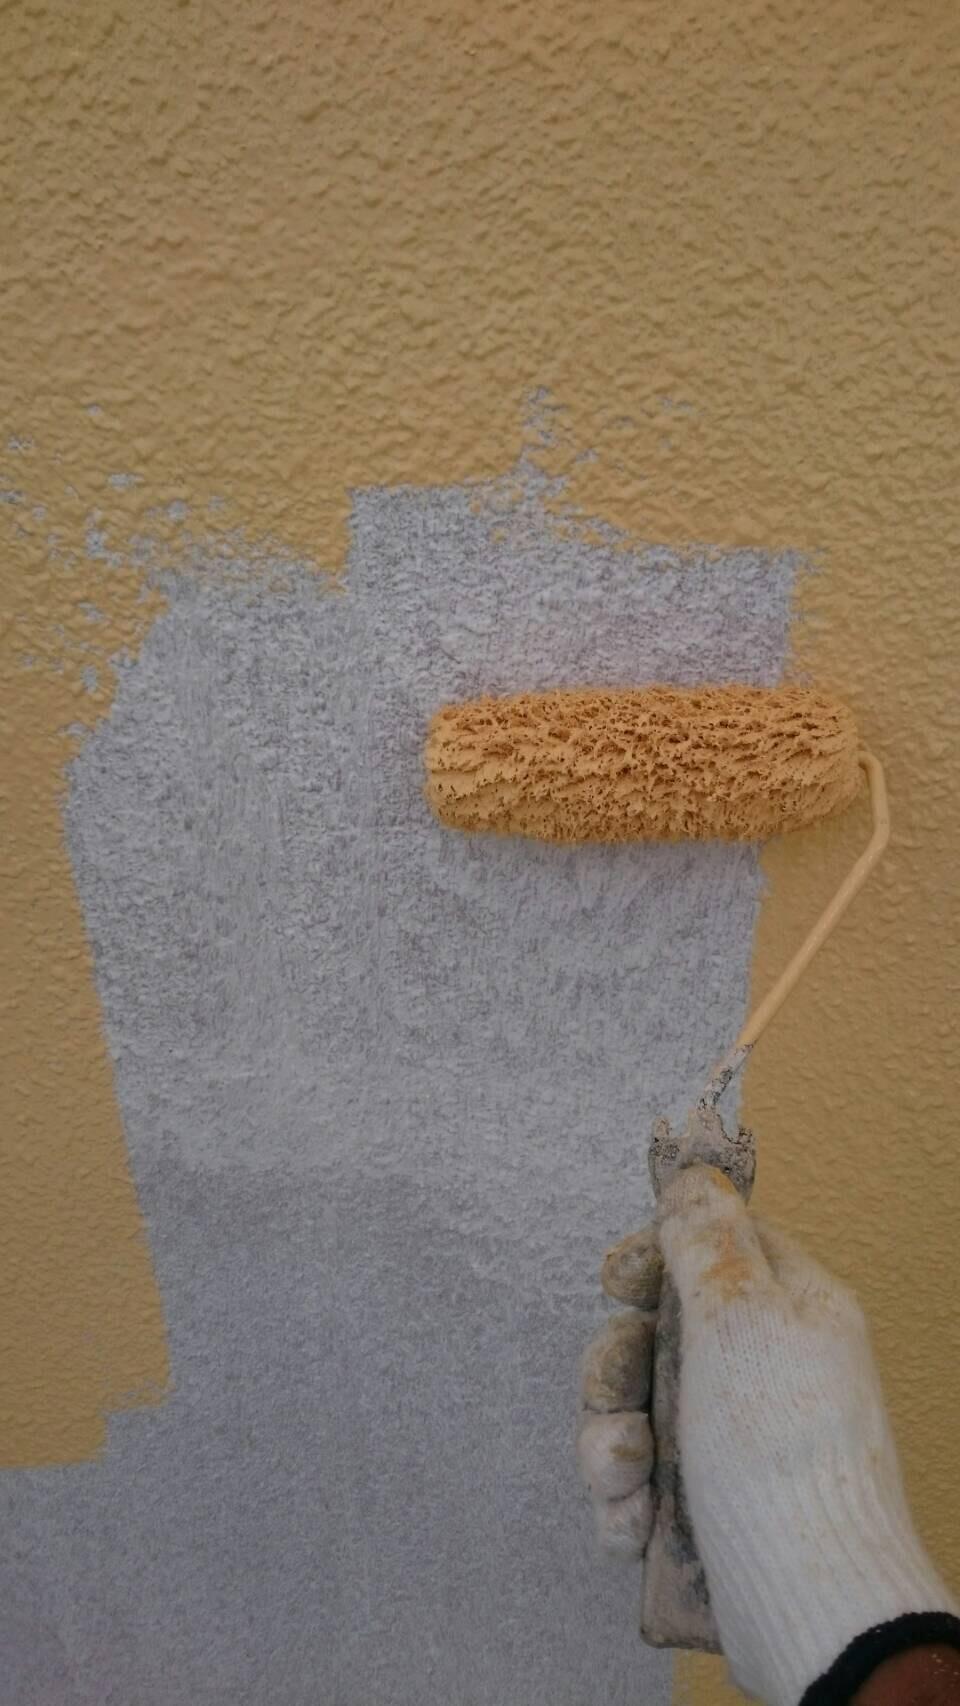 大網白里市金谷郷M様邸外壁塗装工事